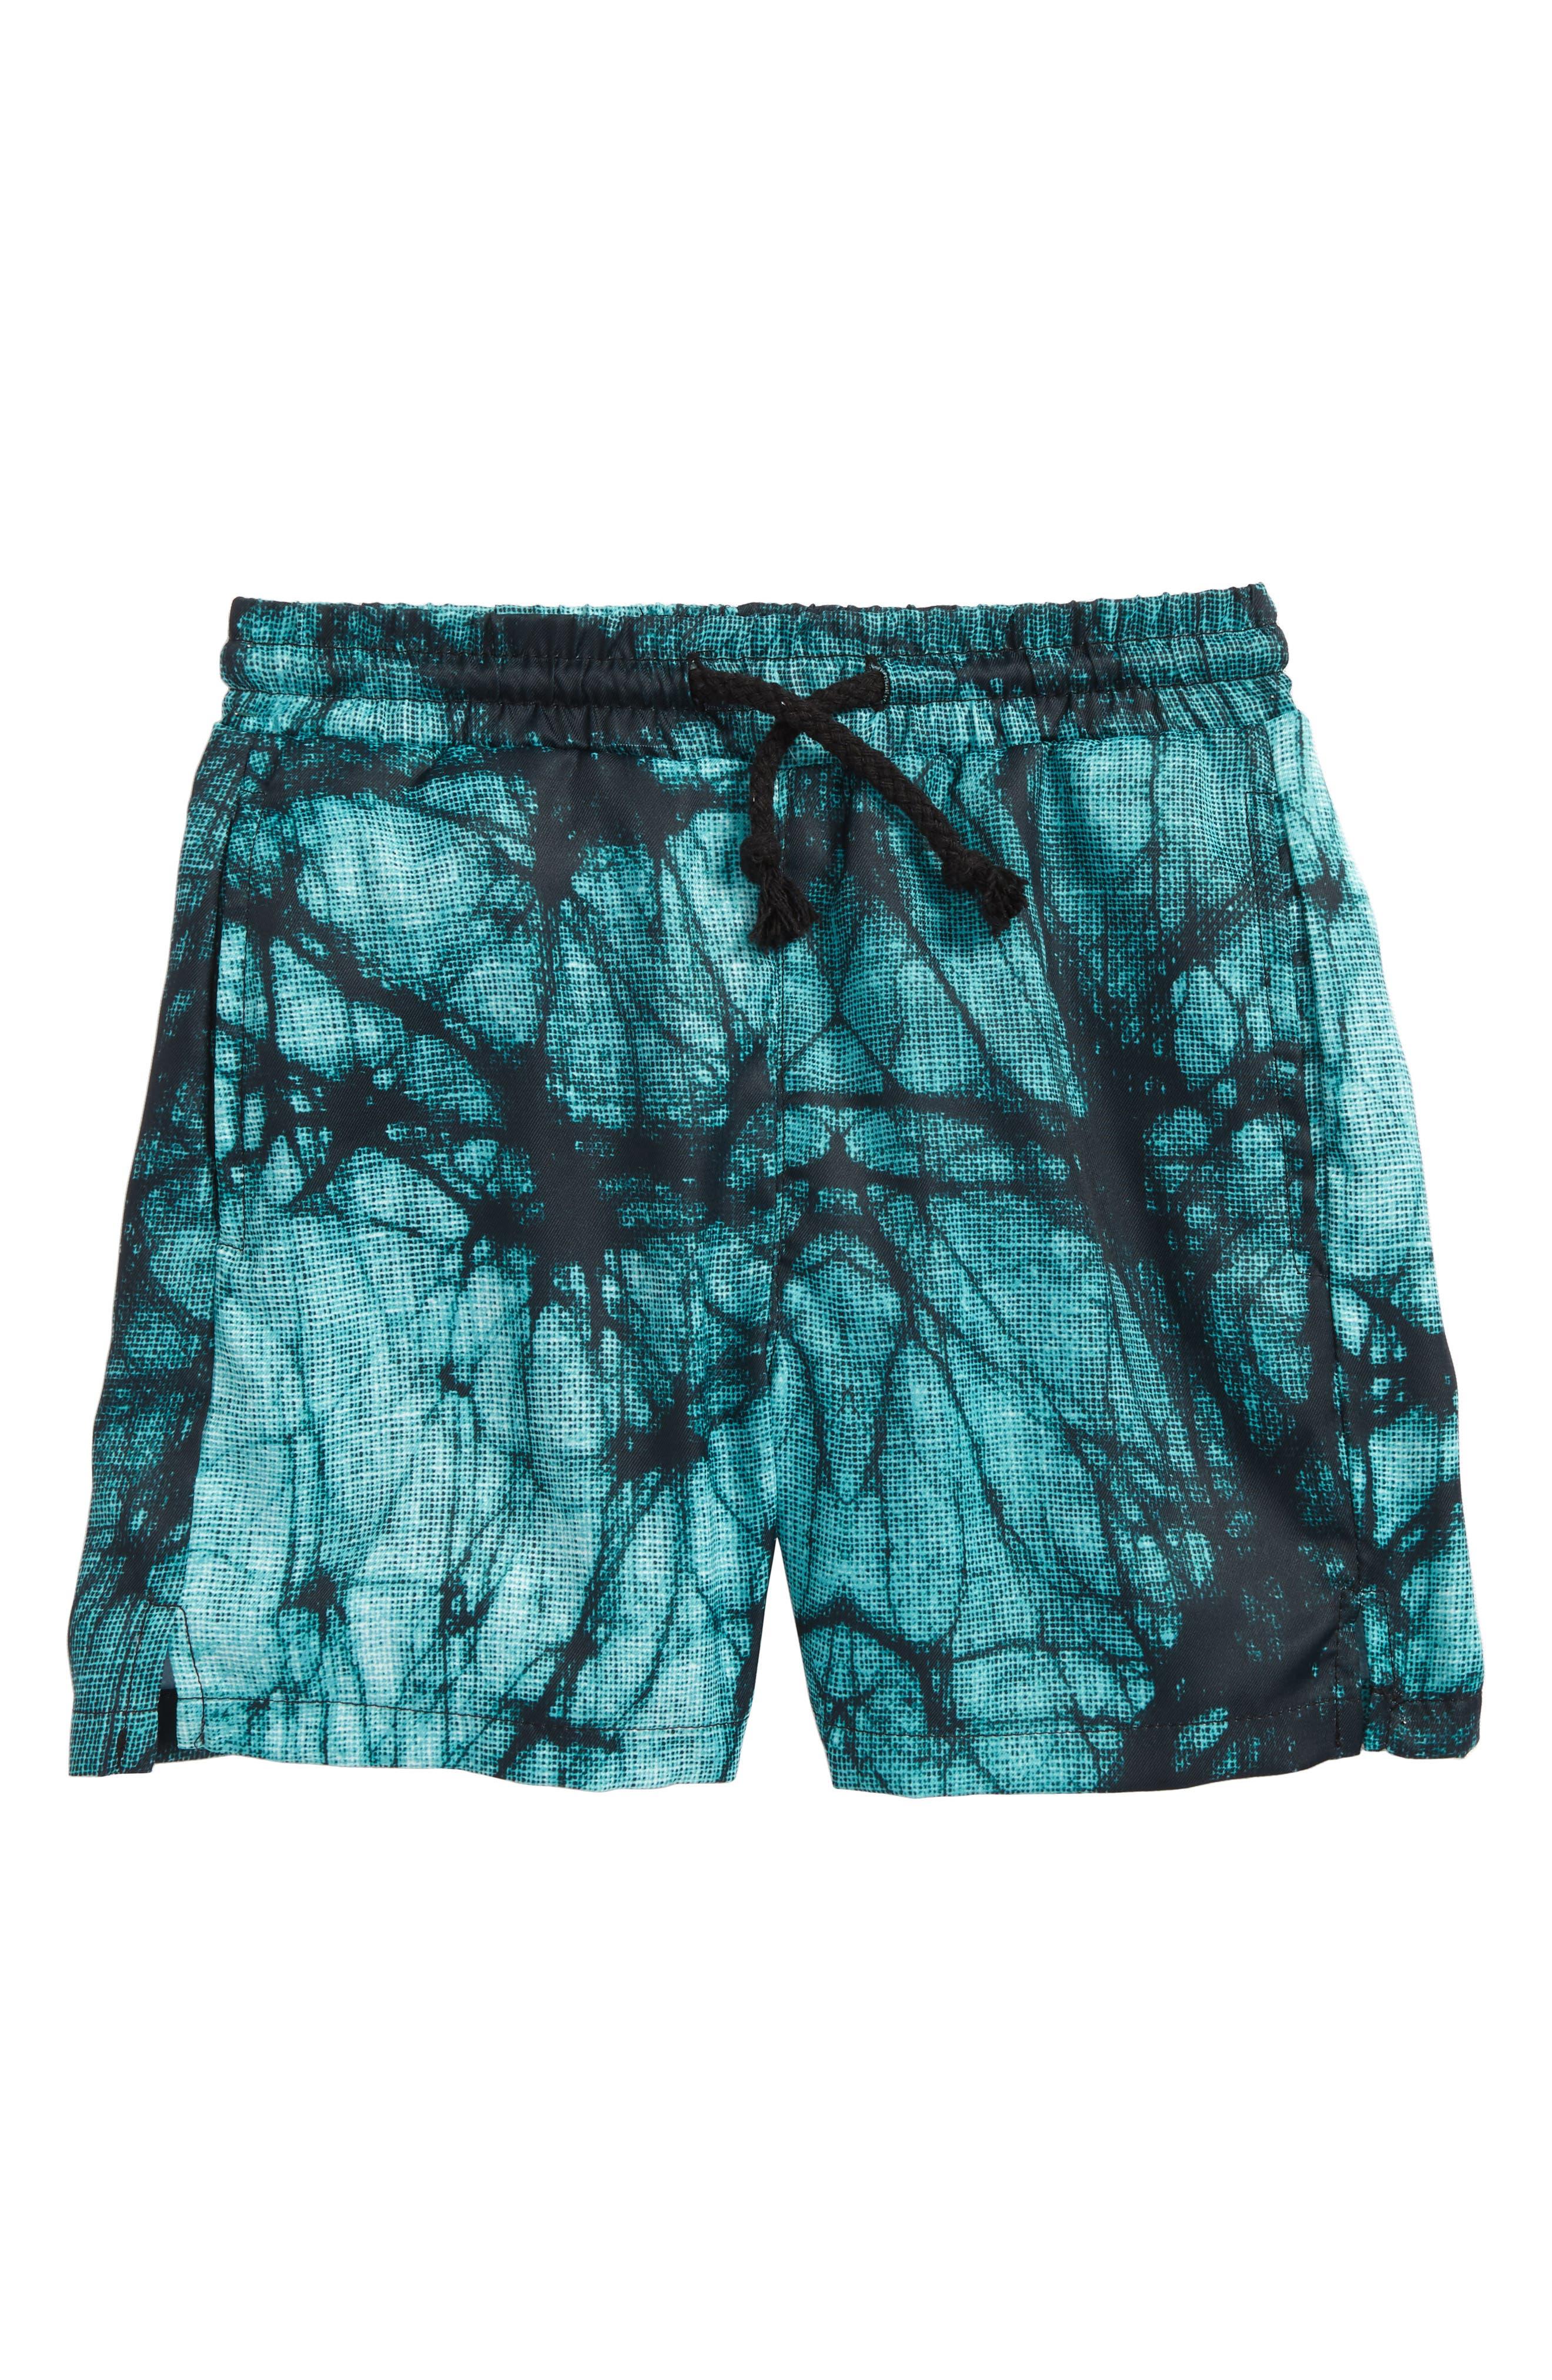 Splash Swim Trunks,                             Main thumbnail 1, color,                             Aqua